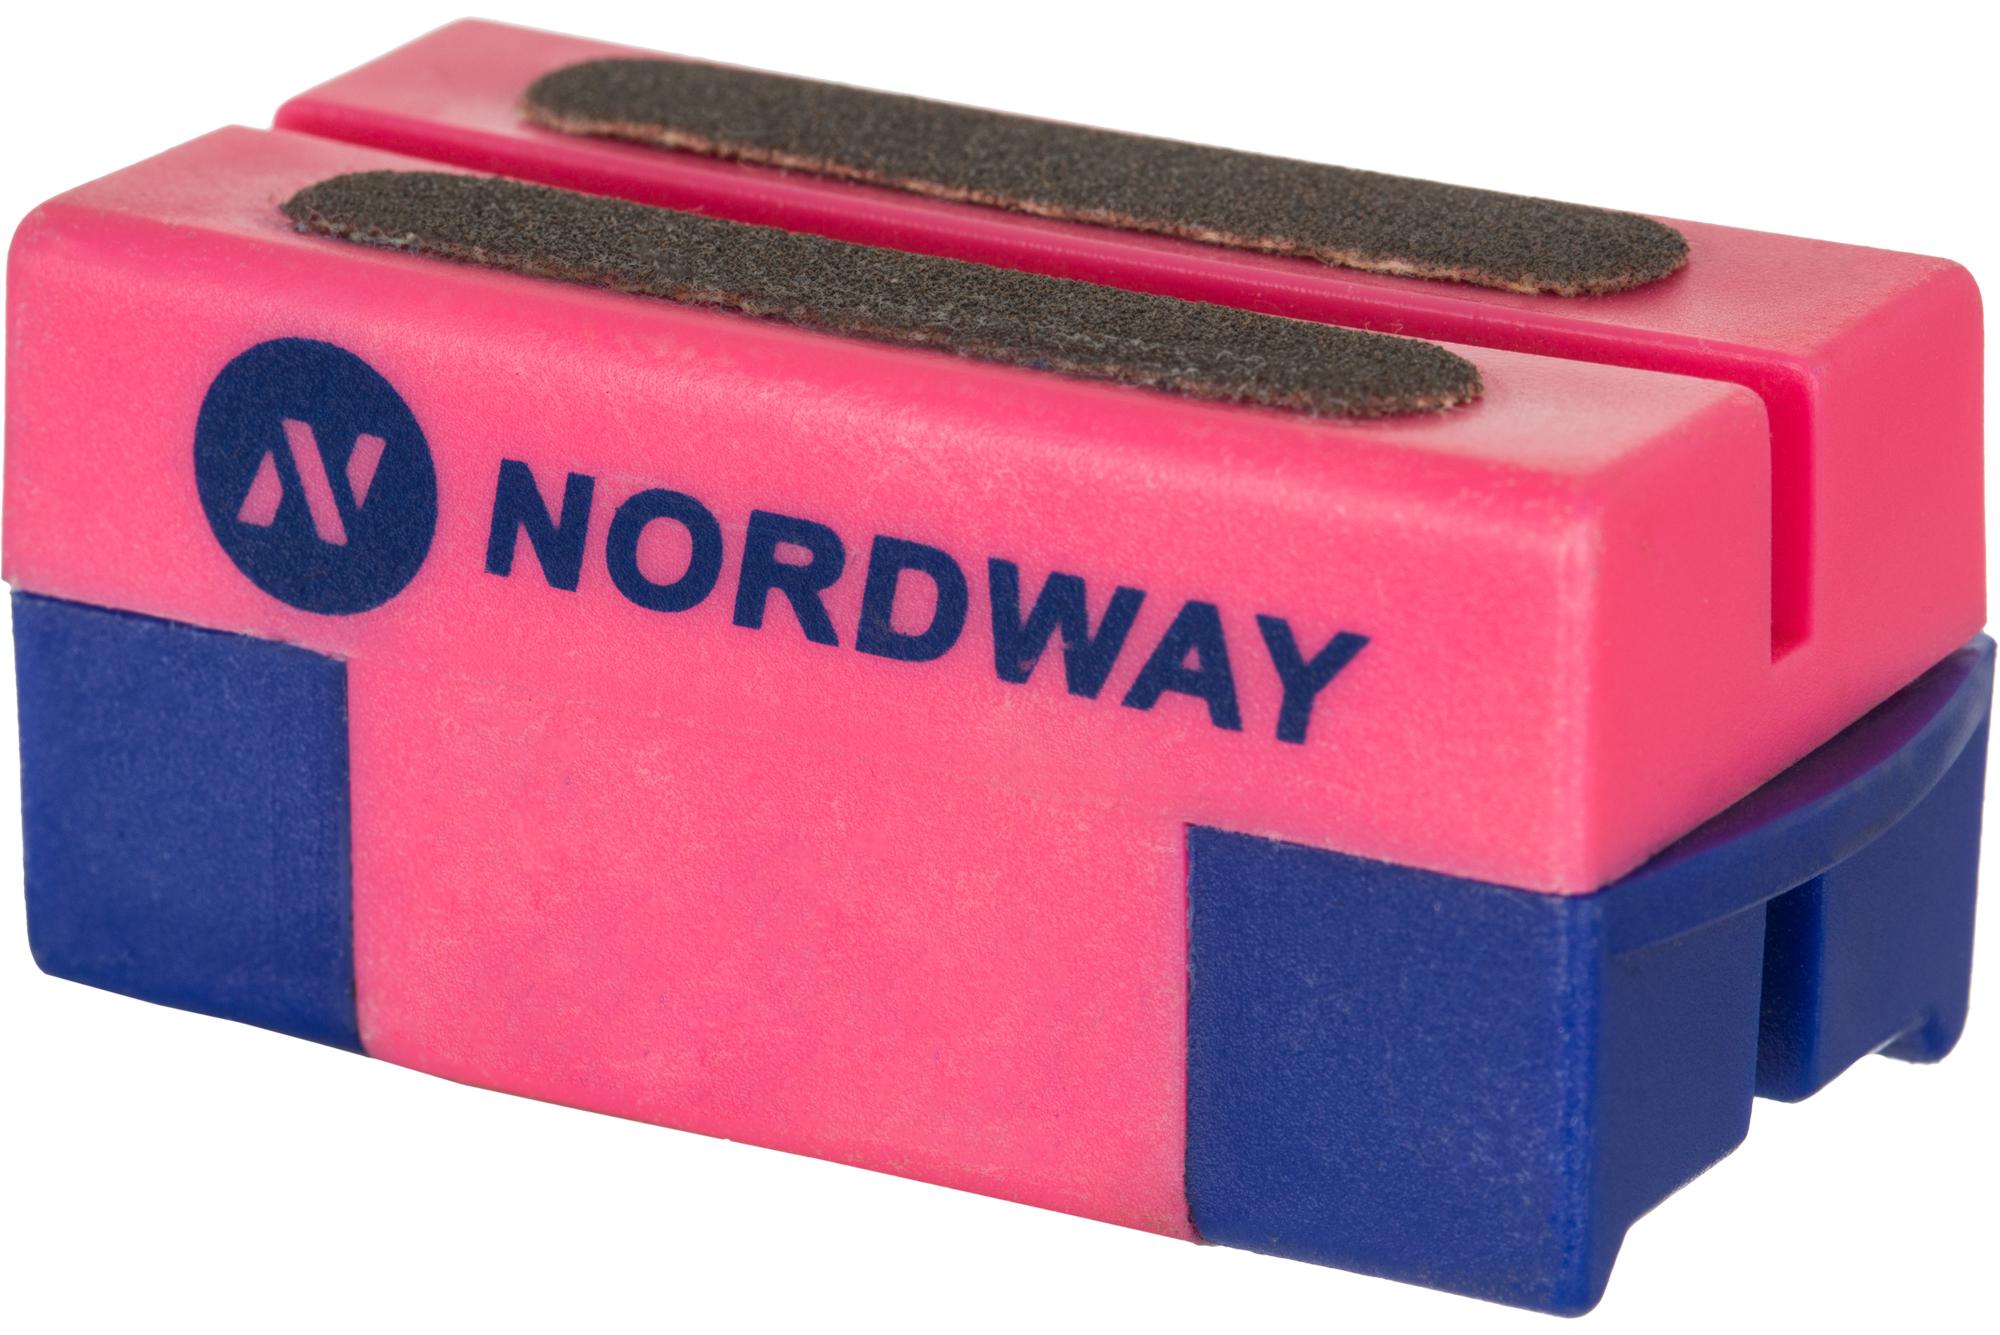 Nordway Приспособление для заточки коньков Nordway